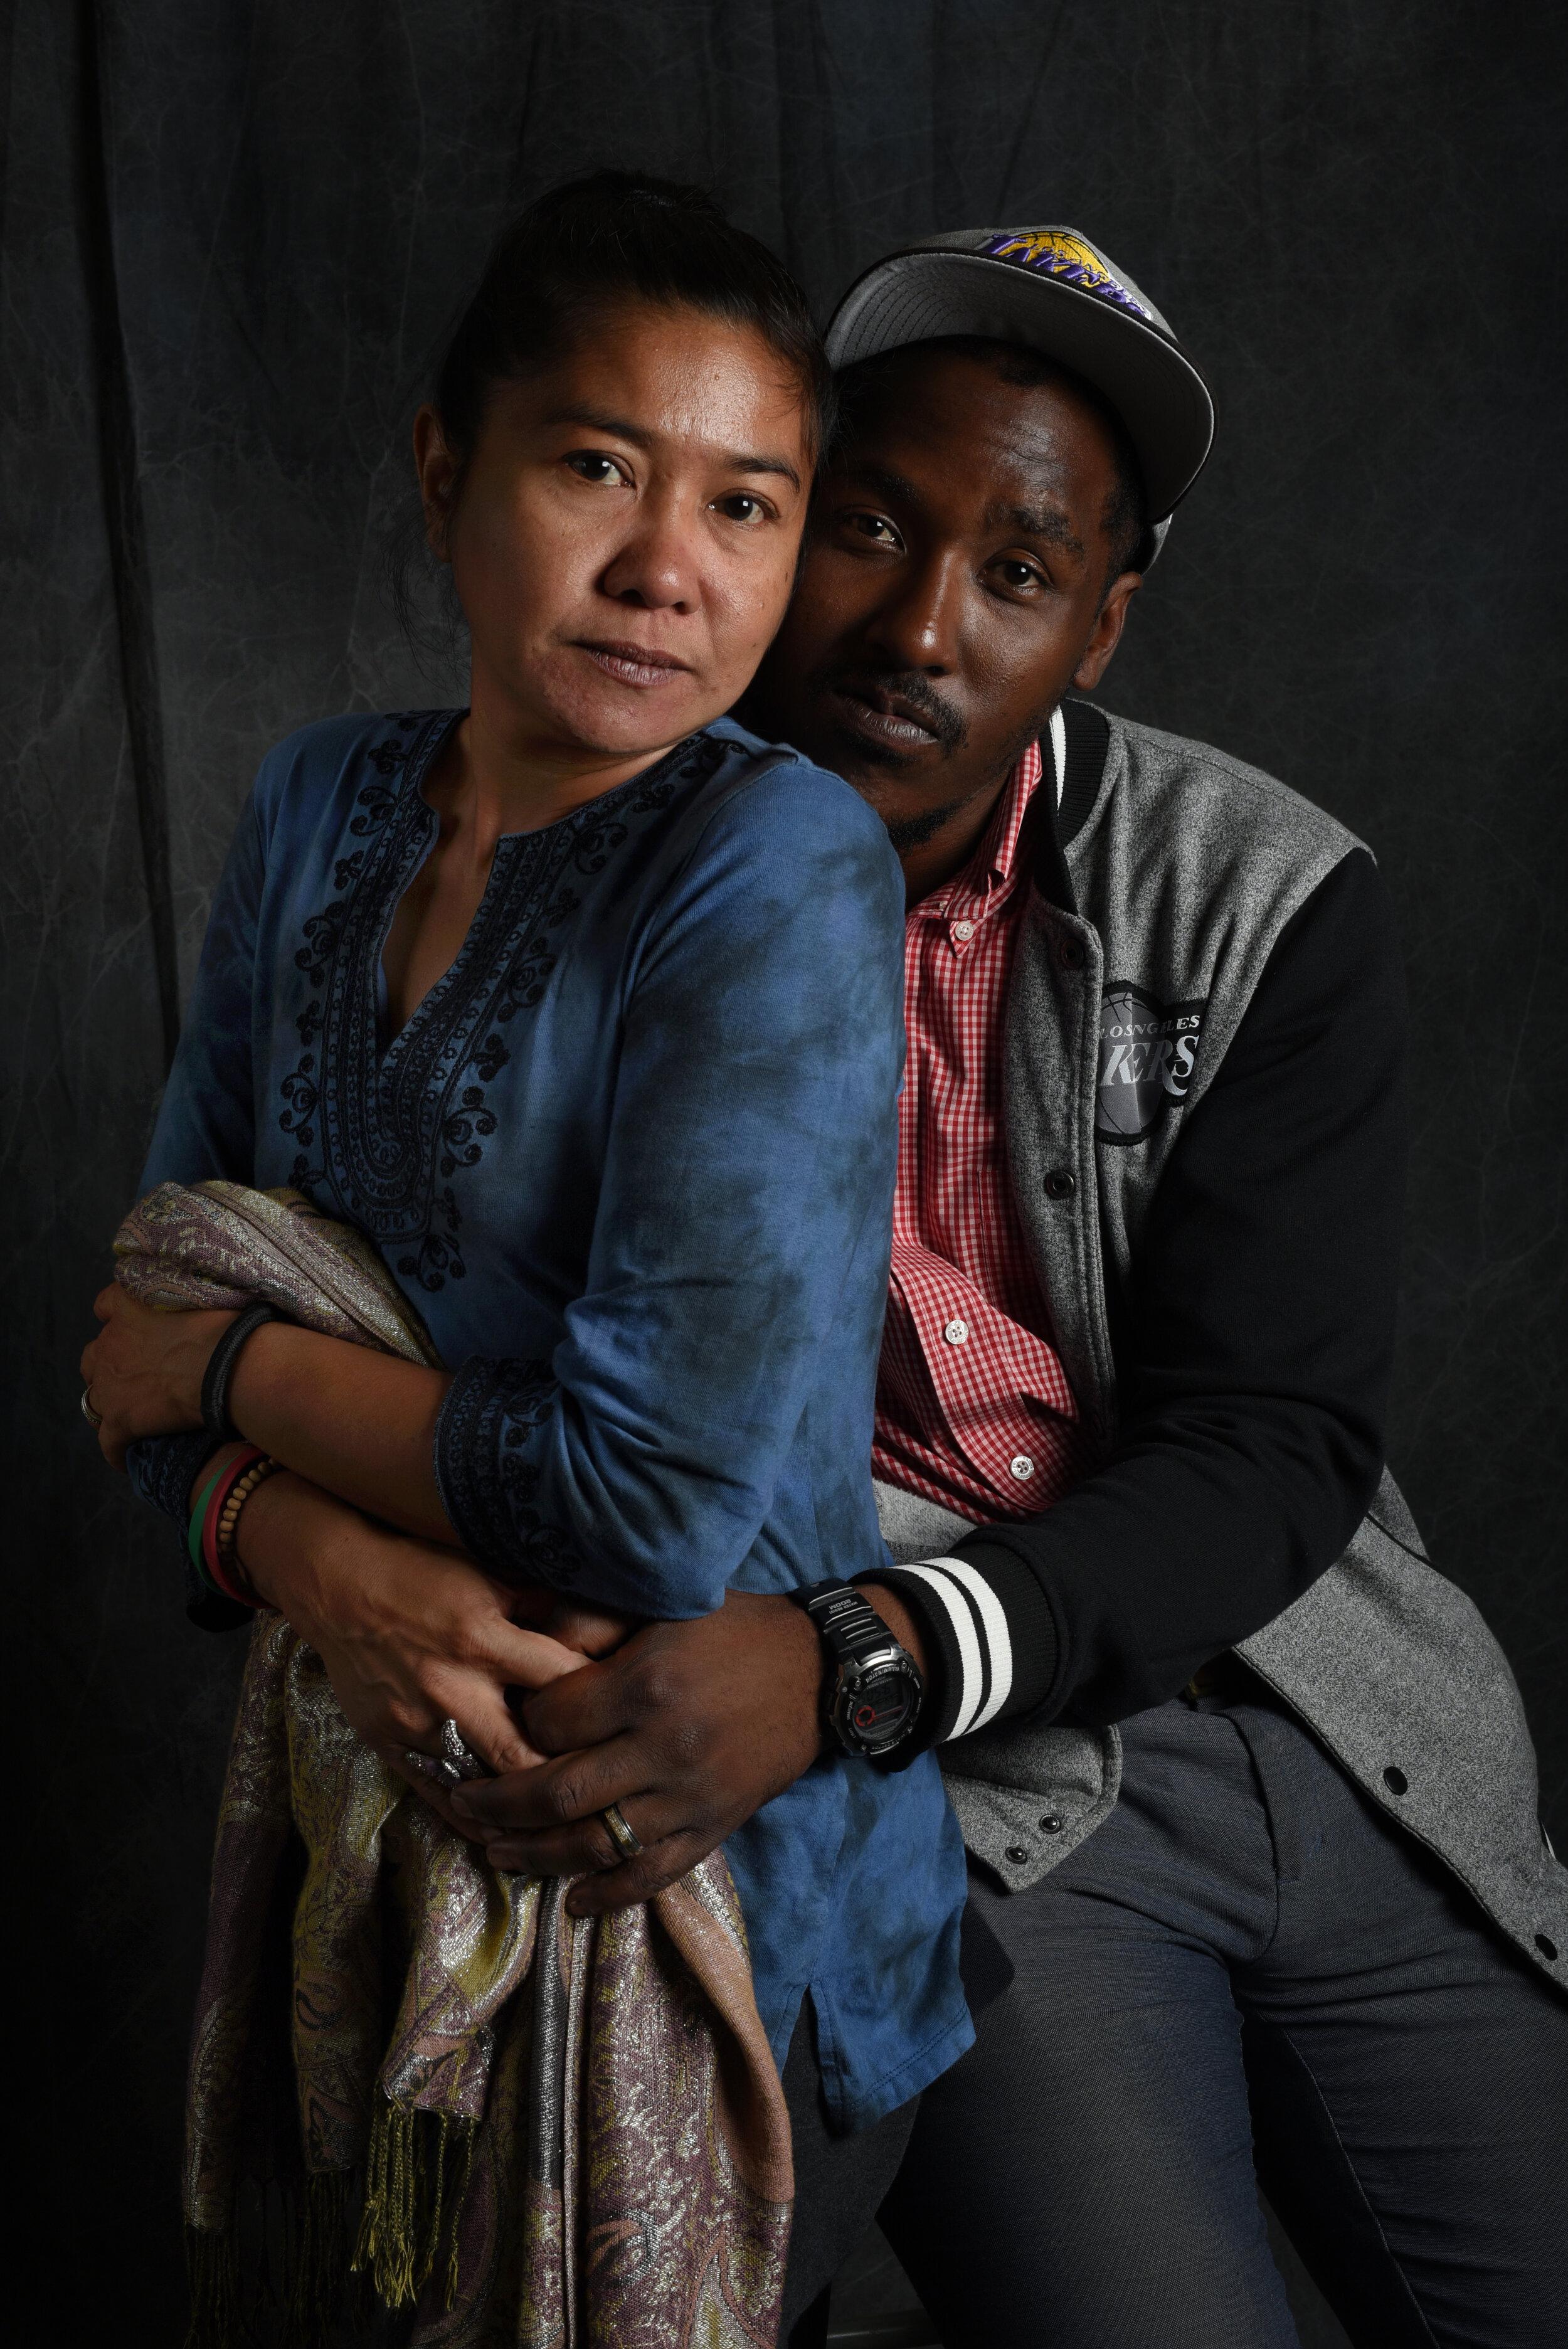 Couple heading towards homelessness, 2016